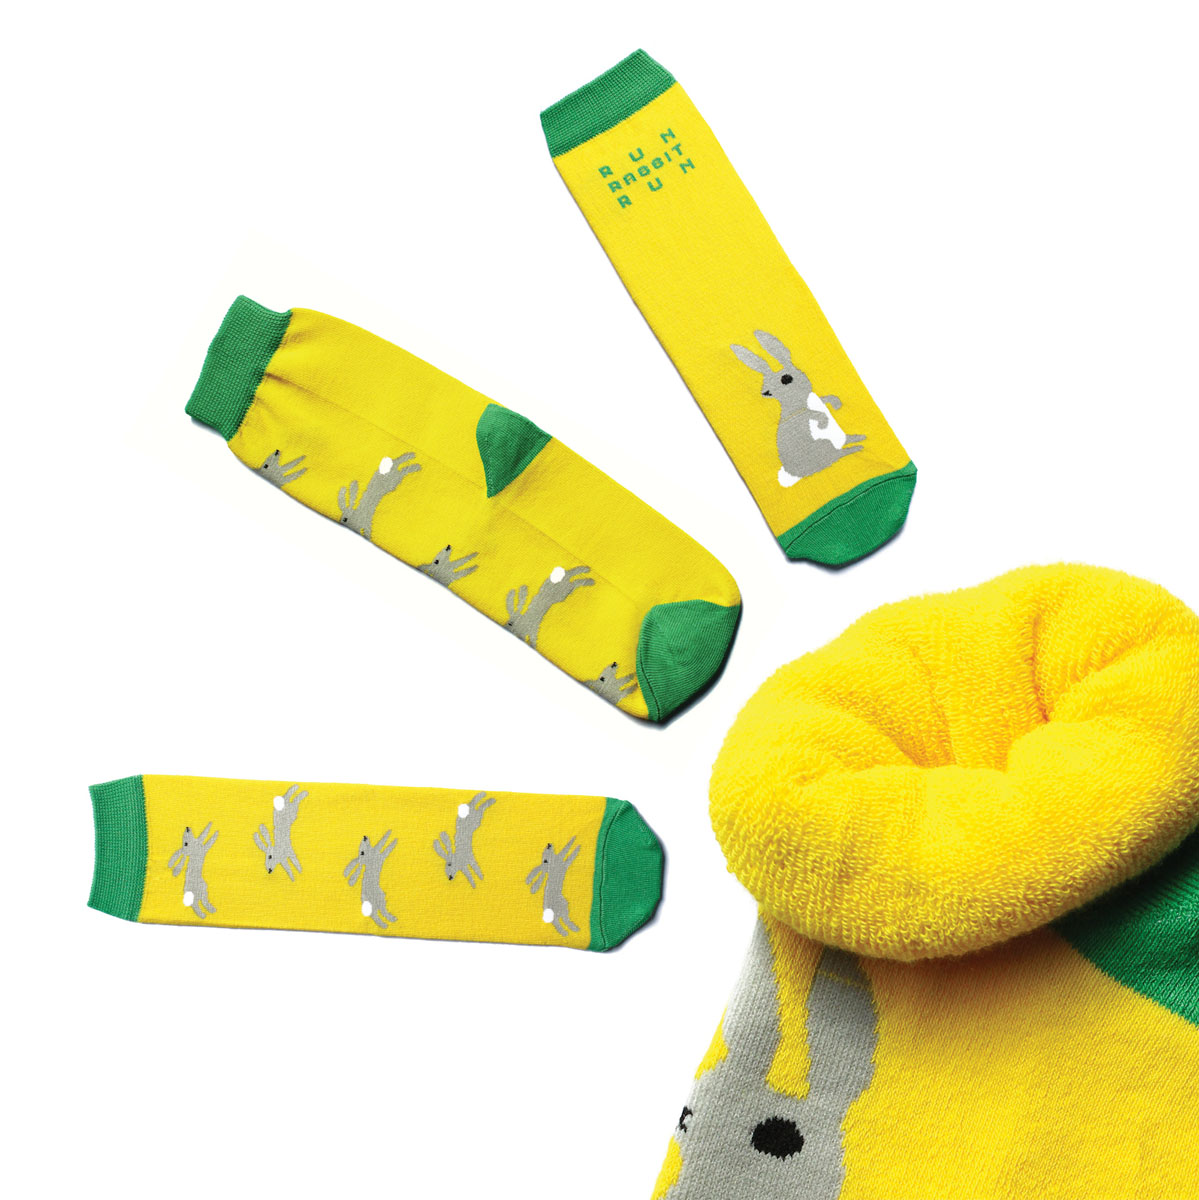 Носки женские Big Bang Socks, цвет: желтый. n223. Размер 35-39n223Яркие махровые носки с несимметричным принтом выполнены из комбинации хлопка, полиамида и эластана, оформлены надписью Run, Rabbit, Run. Модель с удлиненным паголенком и нетугой резинкой.